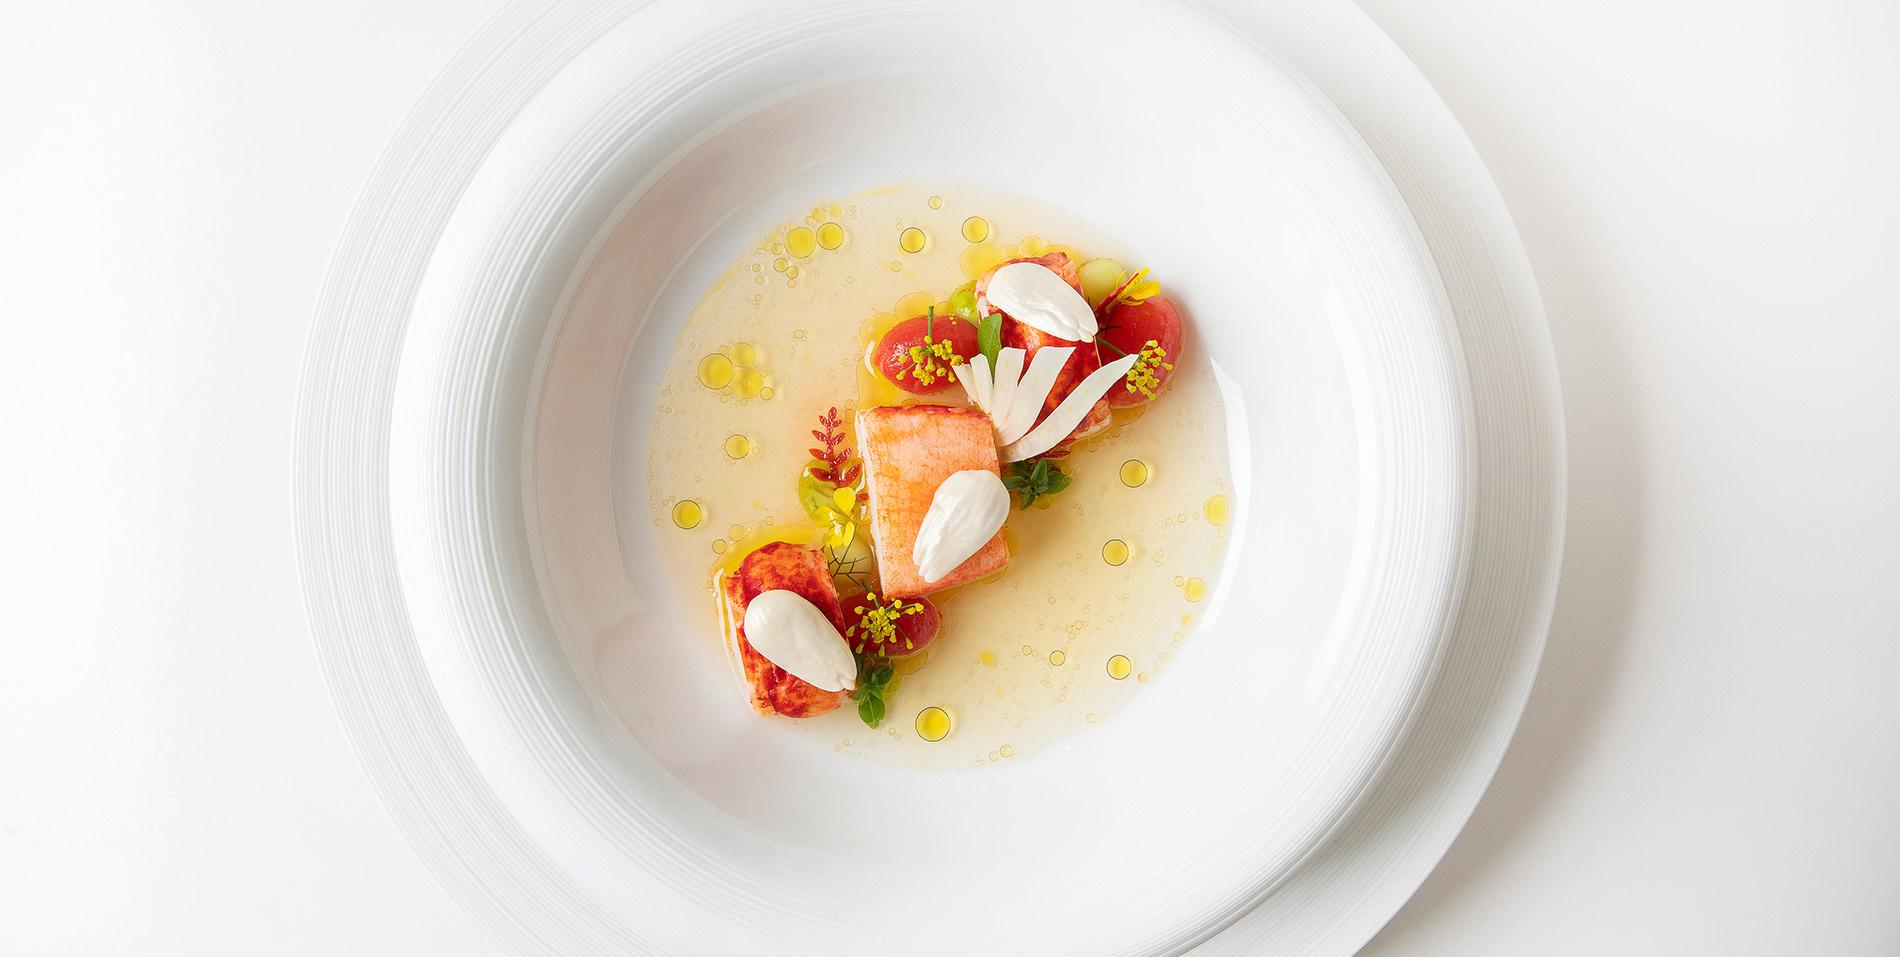 Ritz Restaurant food